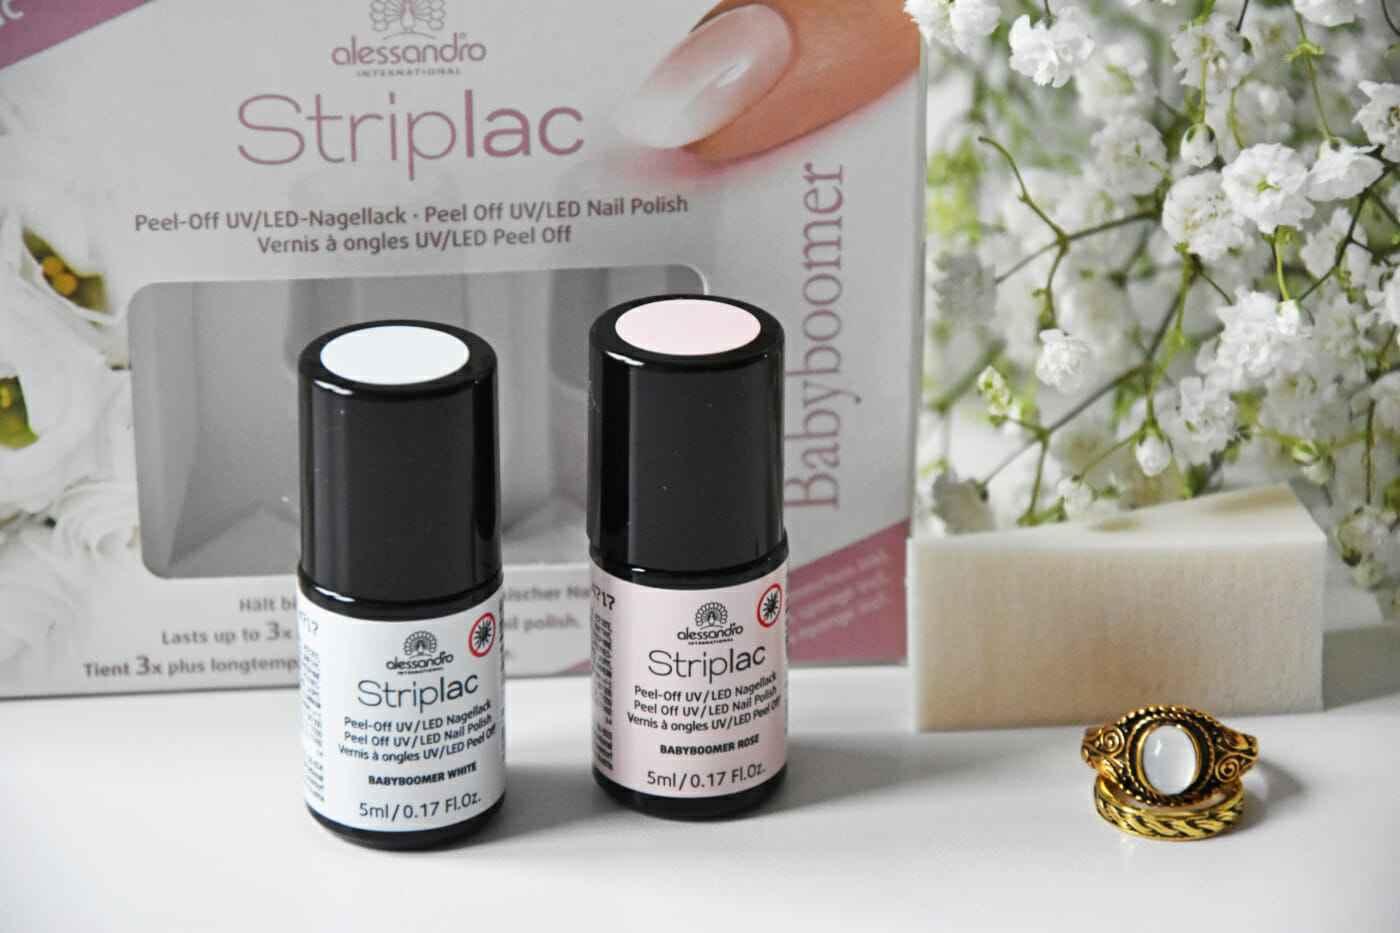 striplac babyboomer set nail nail polish